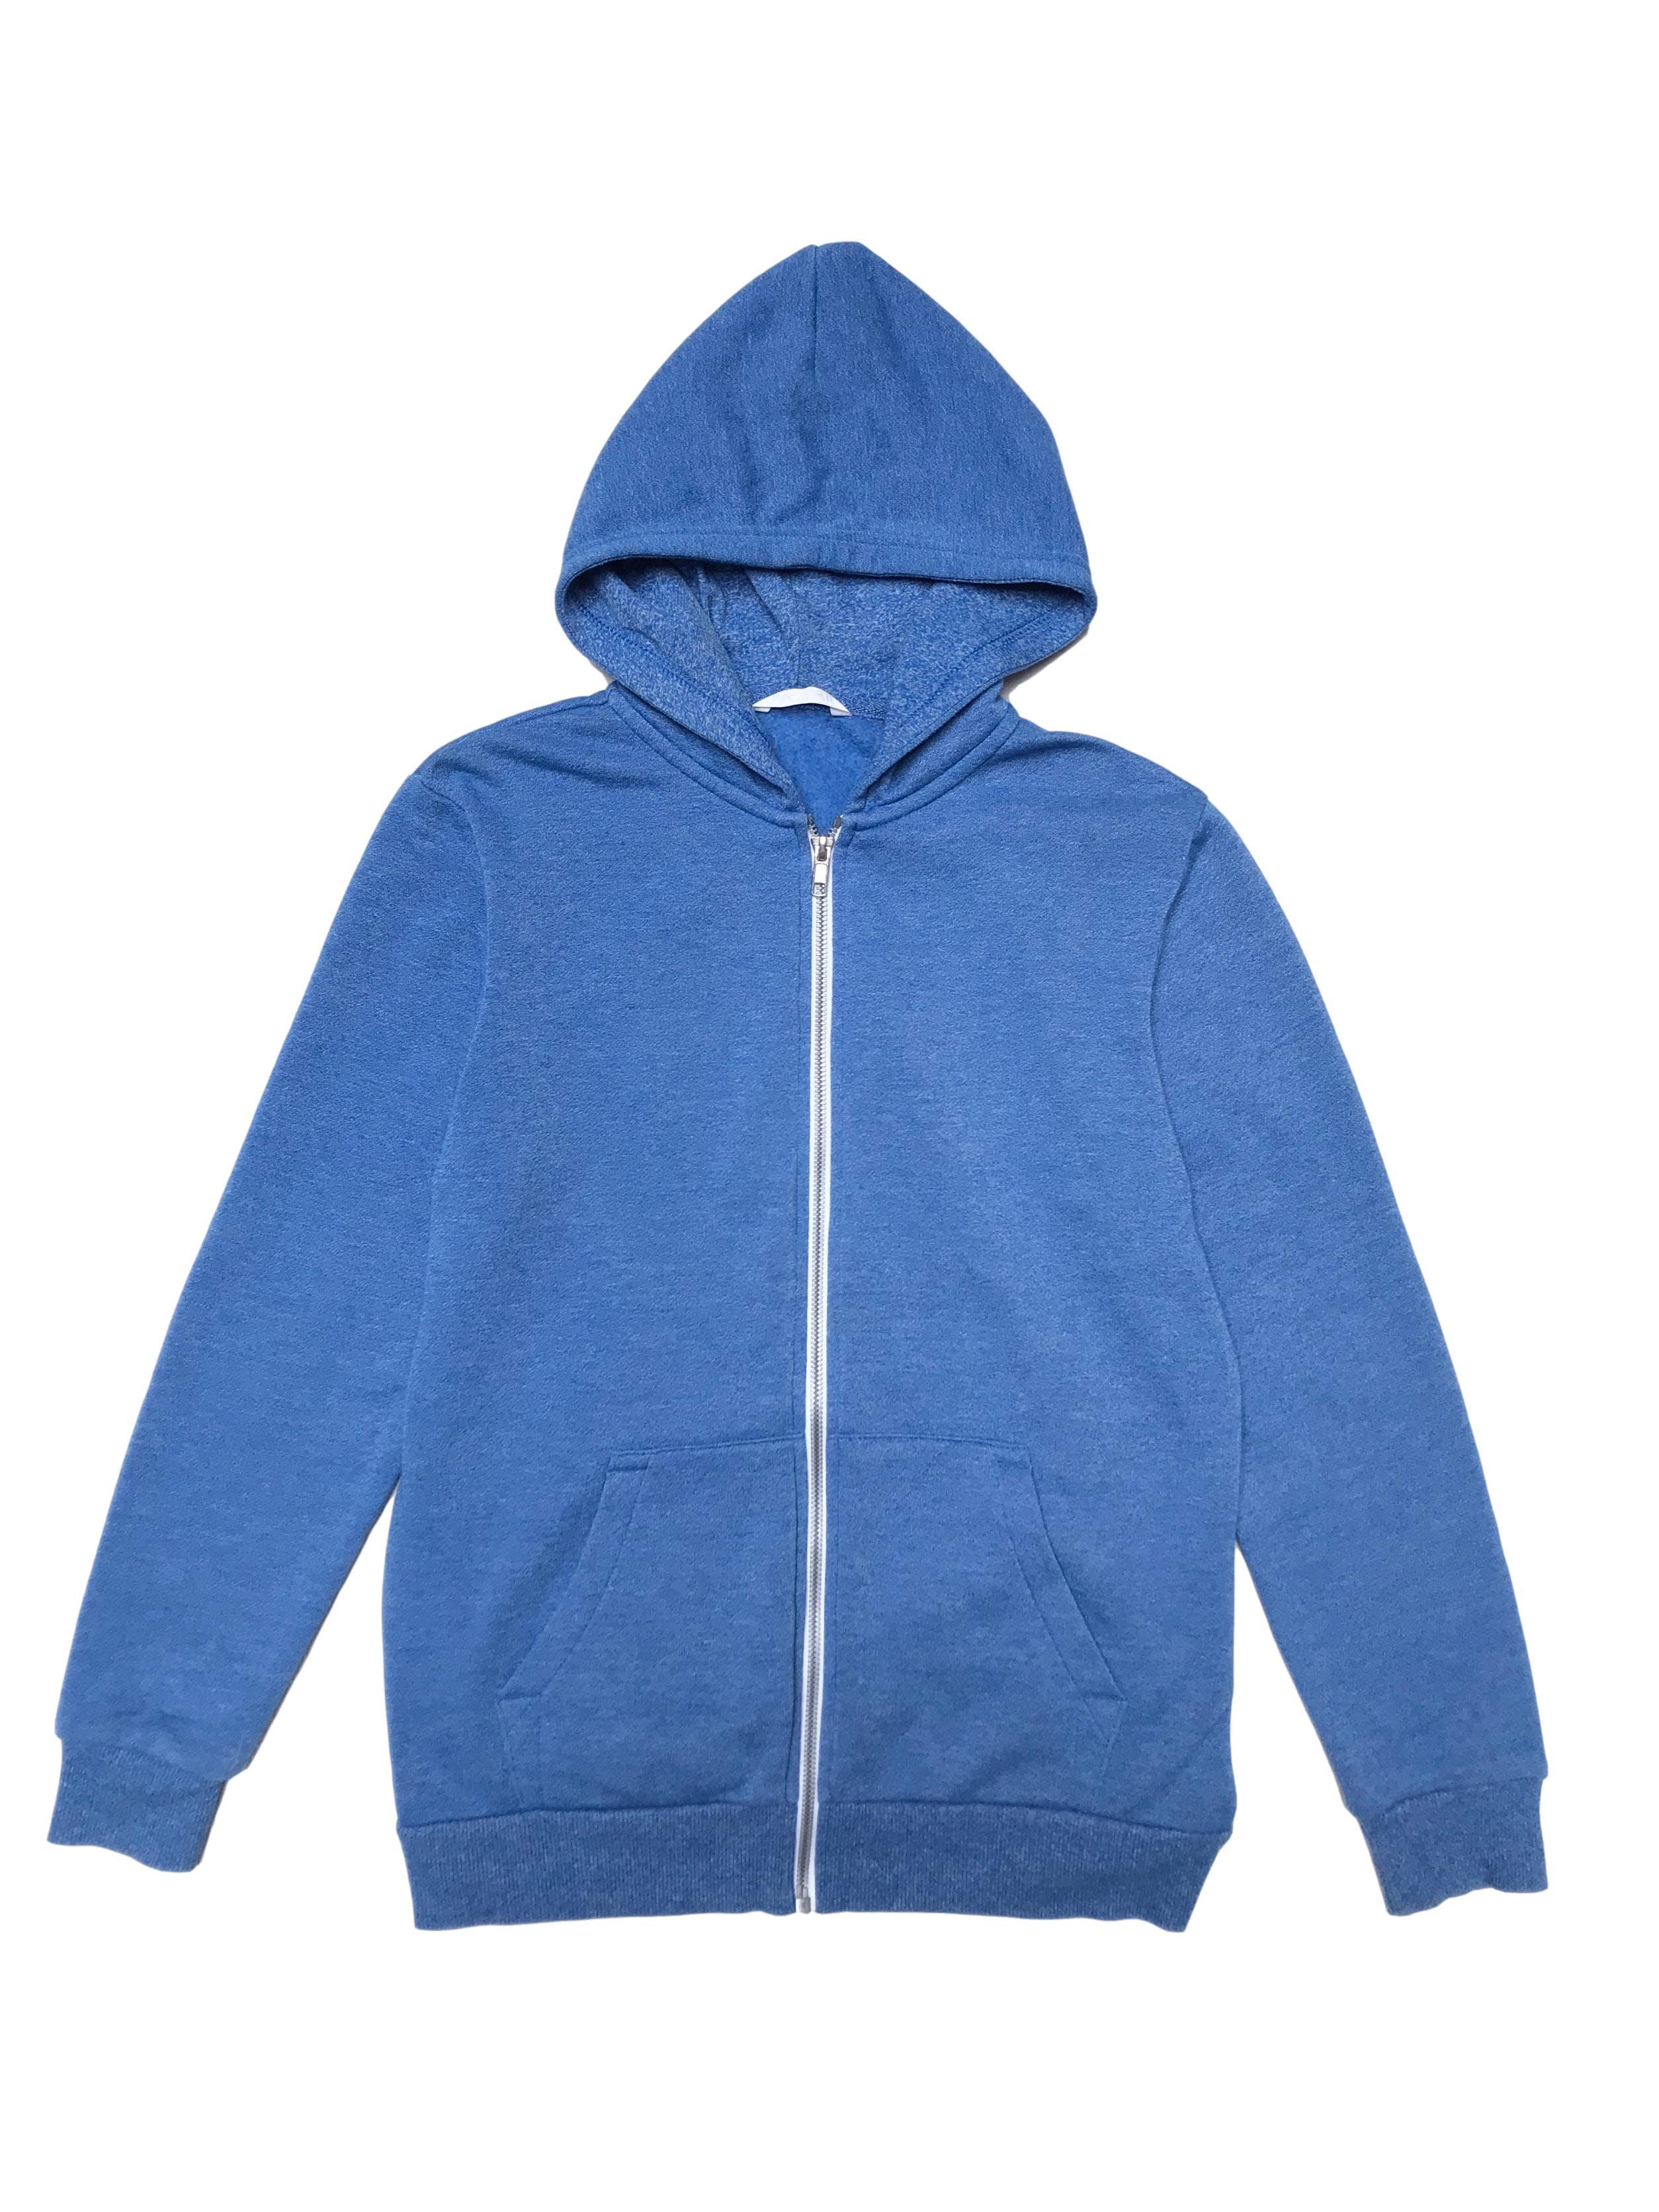 Casaca H&M de algodón con interior afranelado, capucha, cierre y bolsillos delanteros